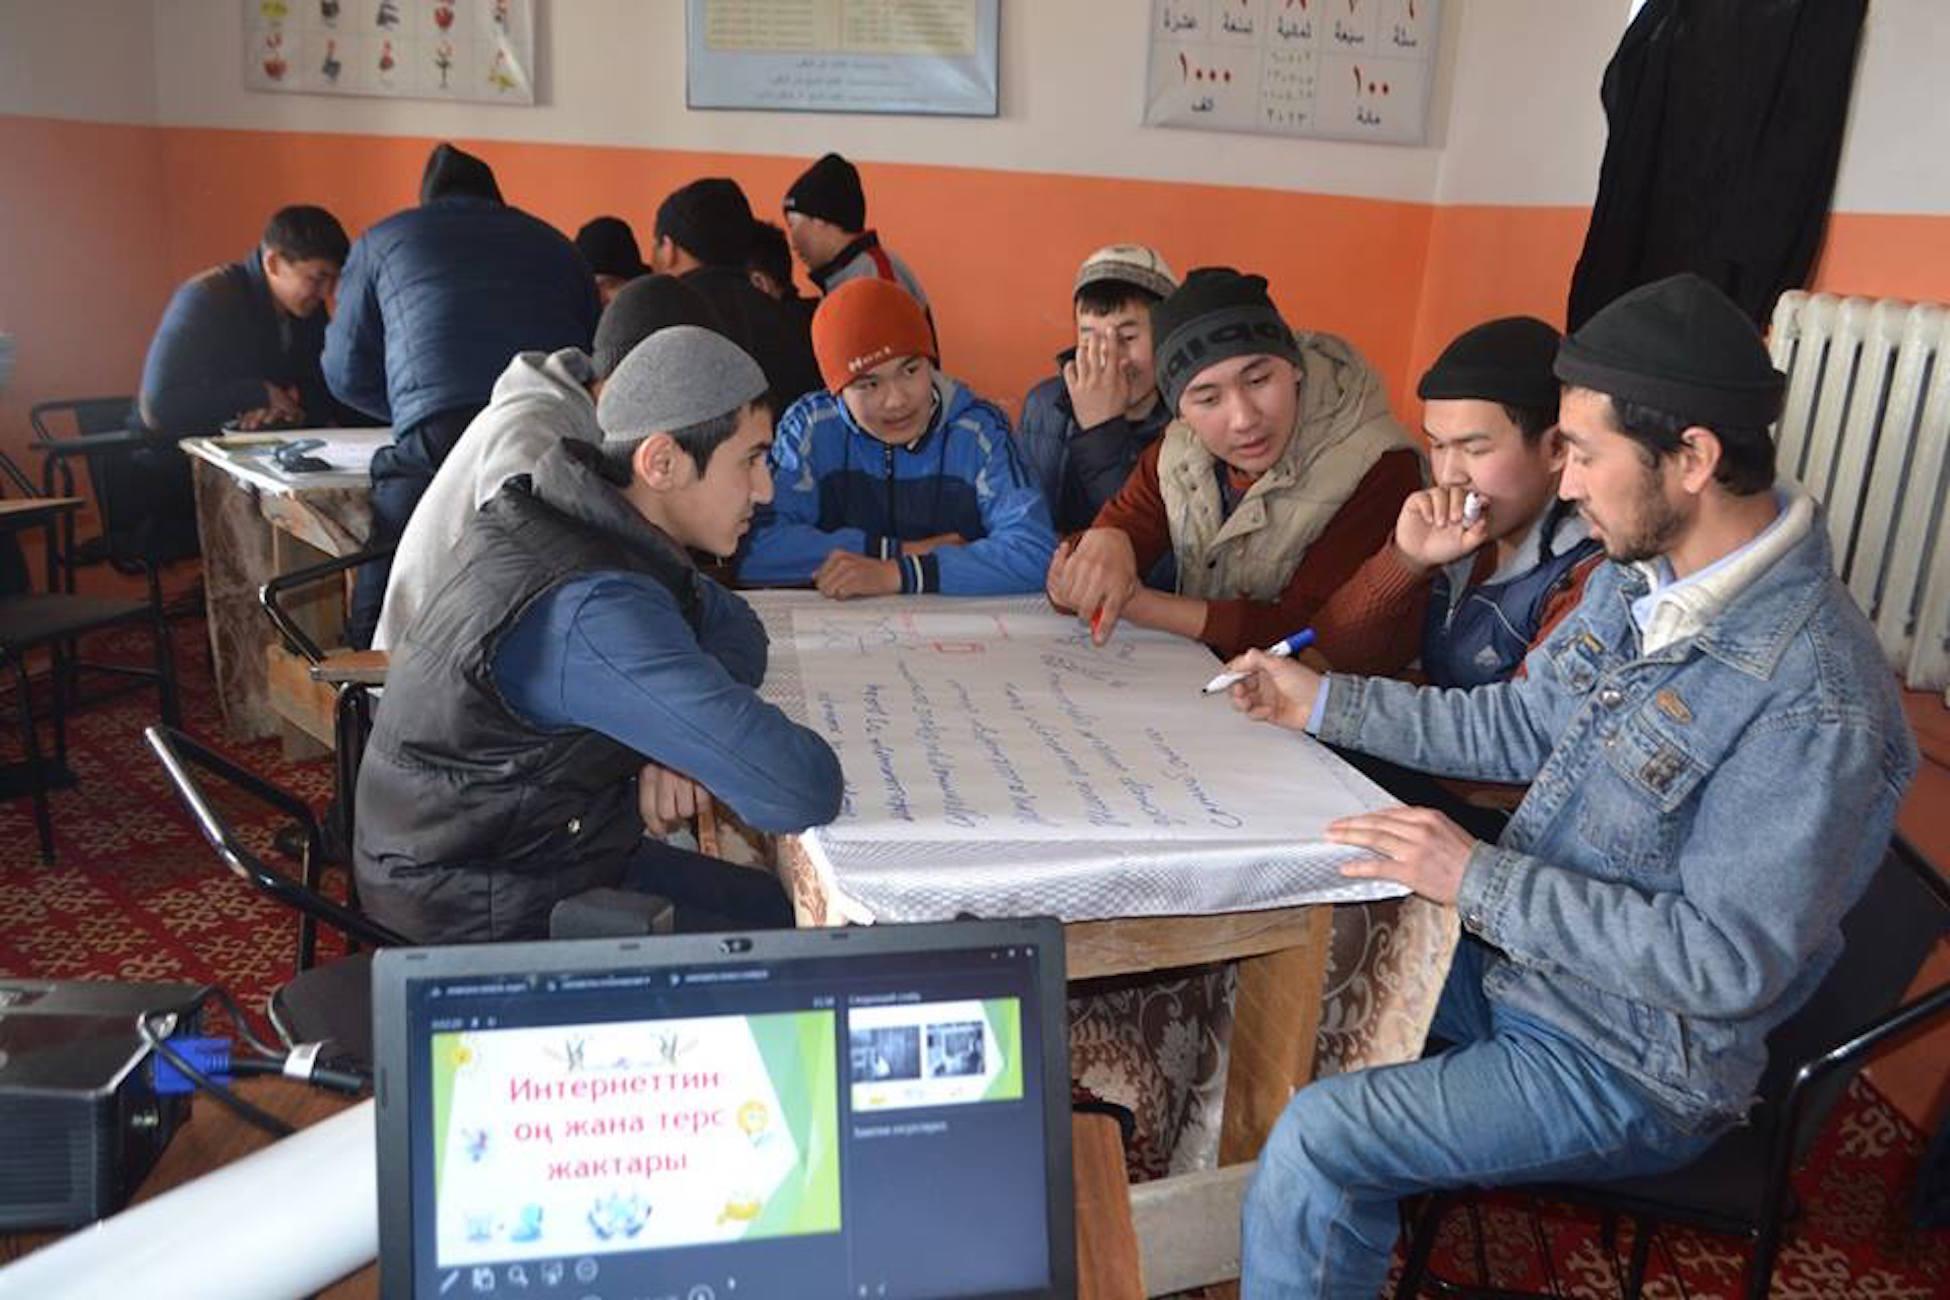 Молодые кыргызстанцы посещают встречу на тему ущерба, нанесенного экстремистской вербовкой онлайн. Джалал-Абад, 24 марта. [Эркин Камалов]